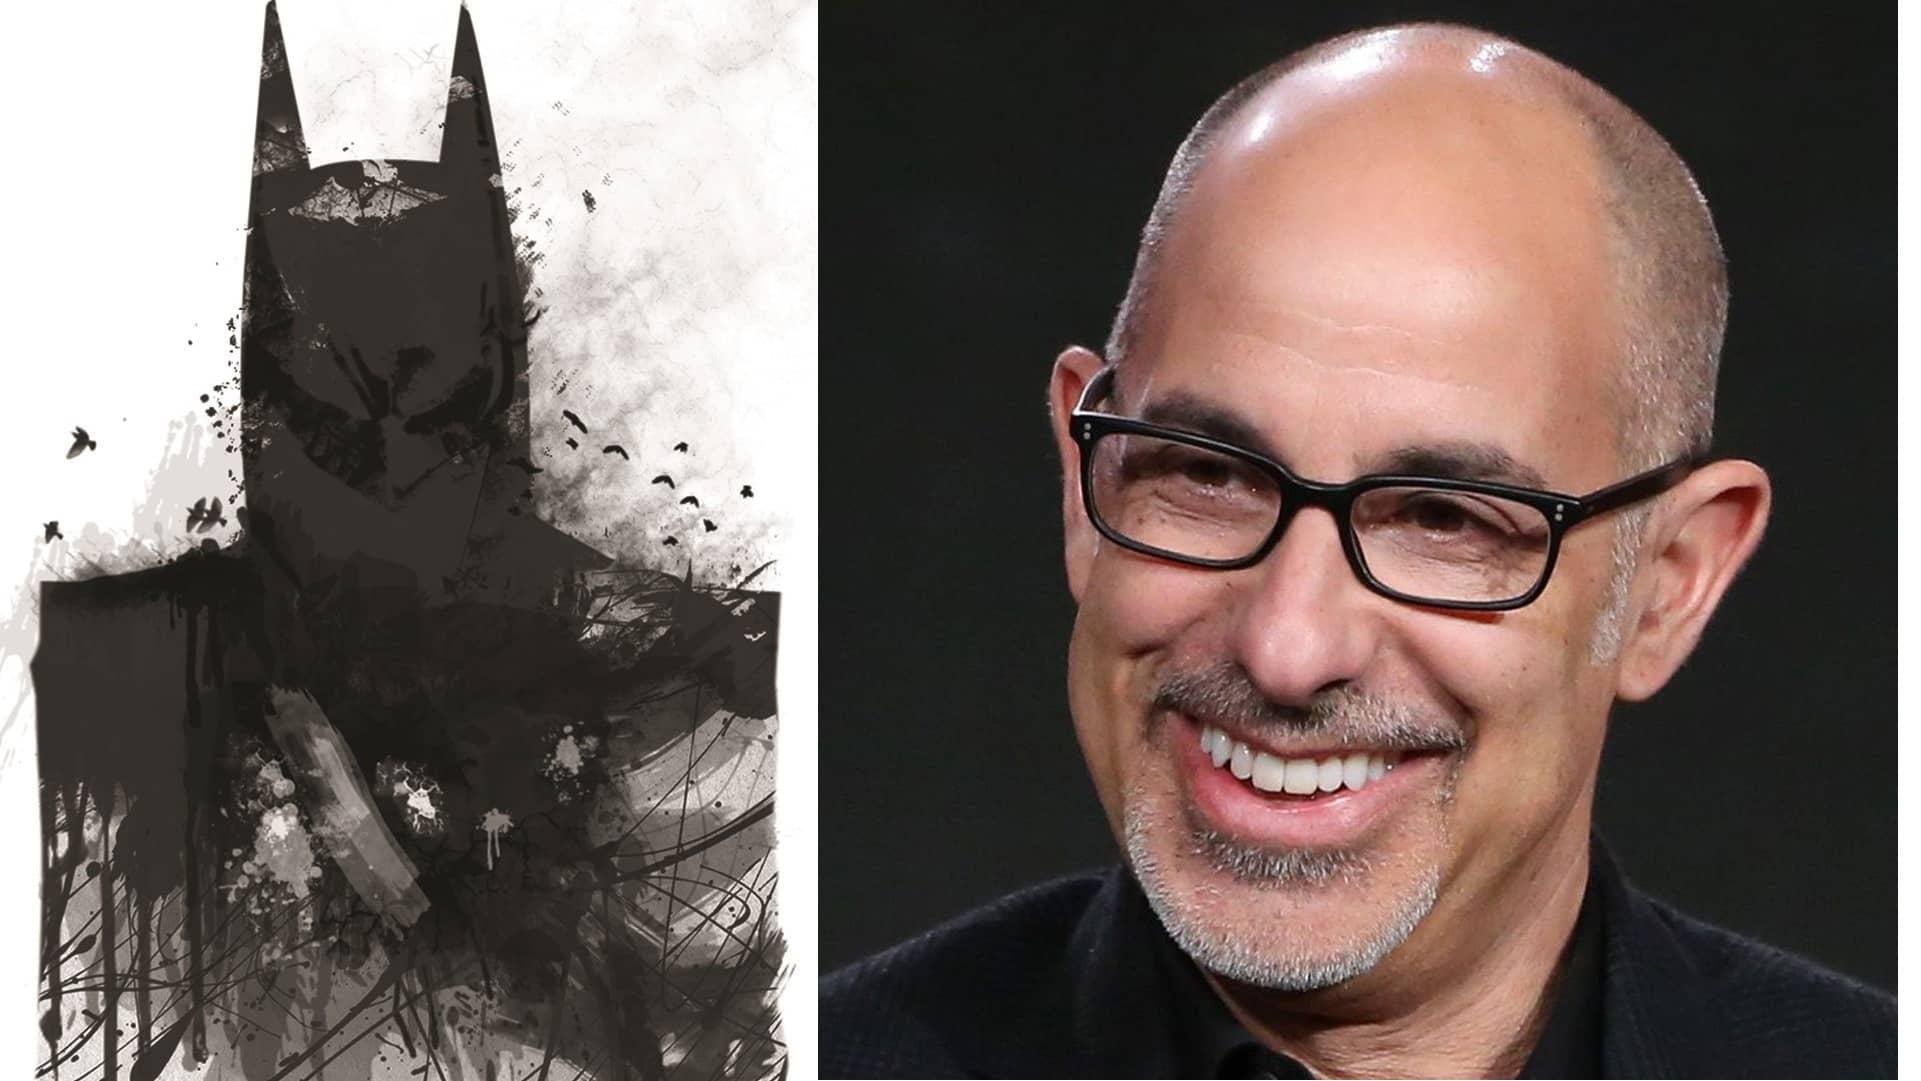 spotify batman unburied david s. goyer